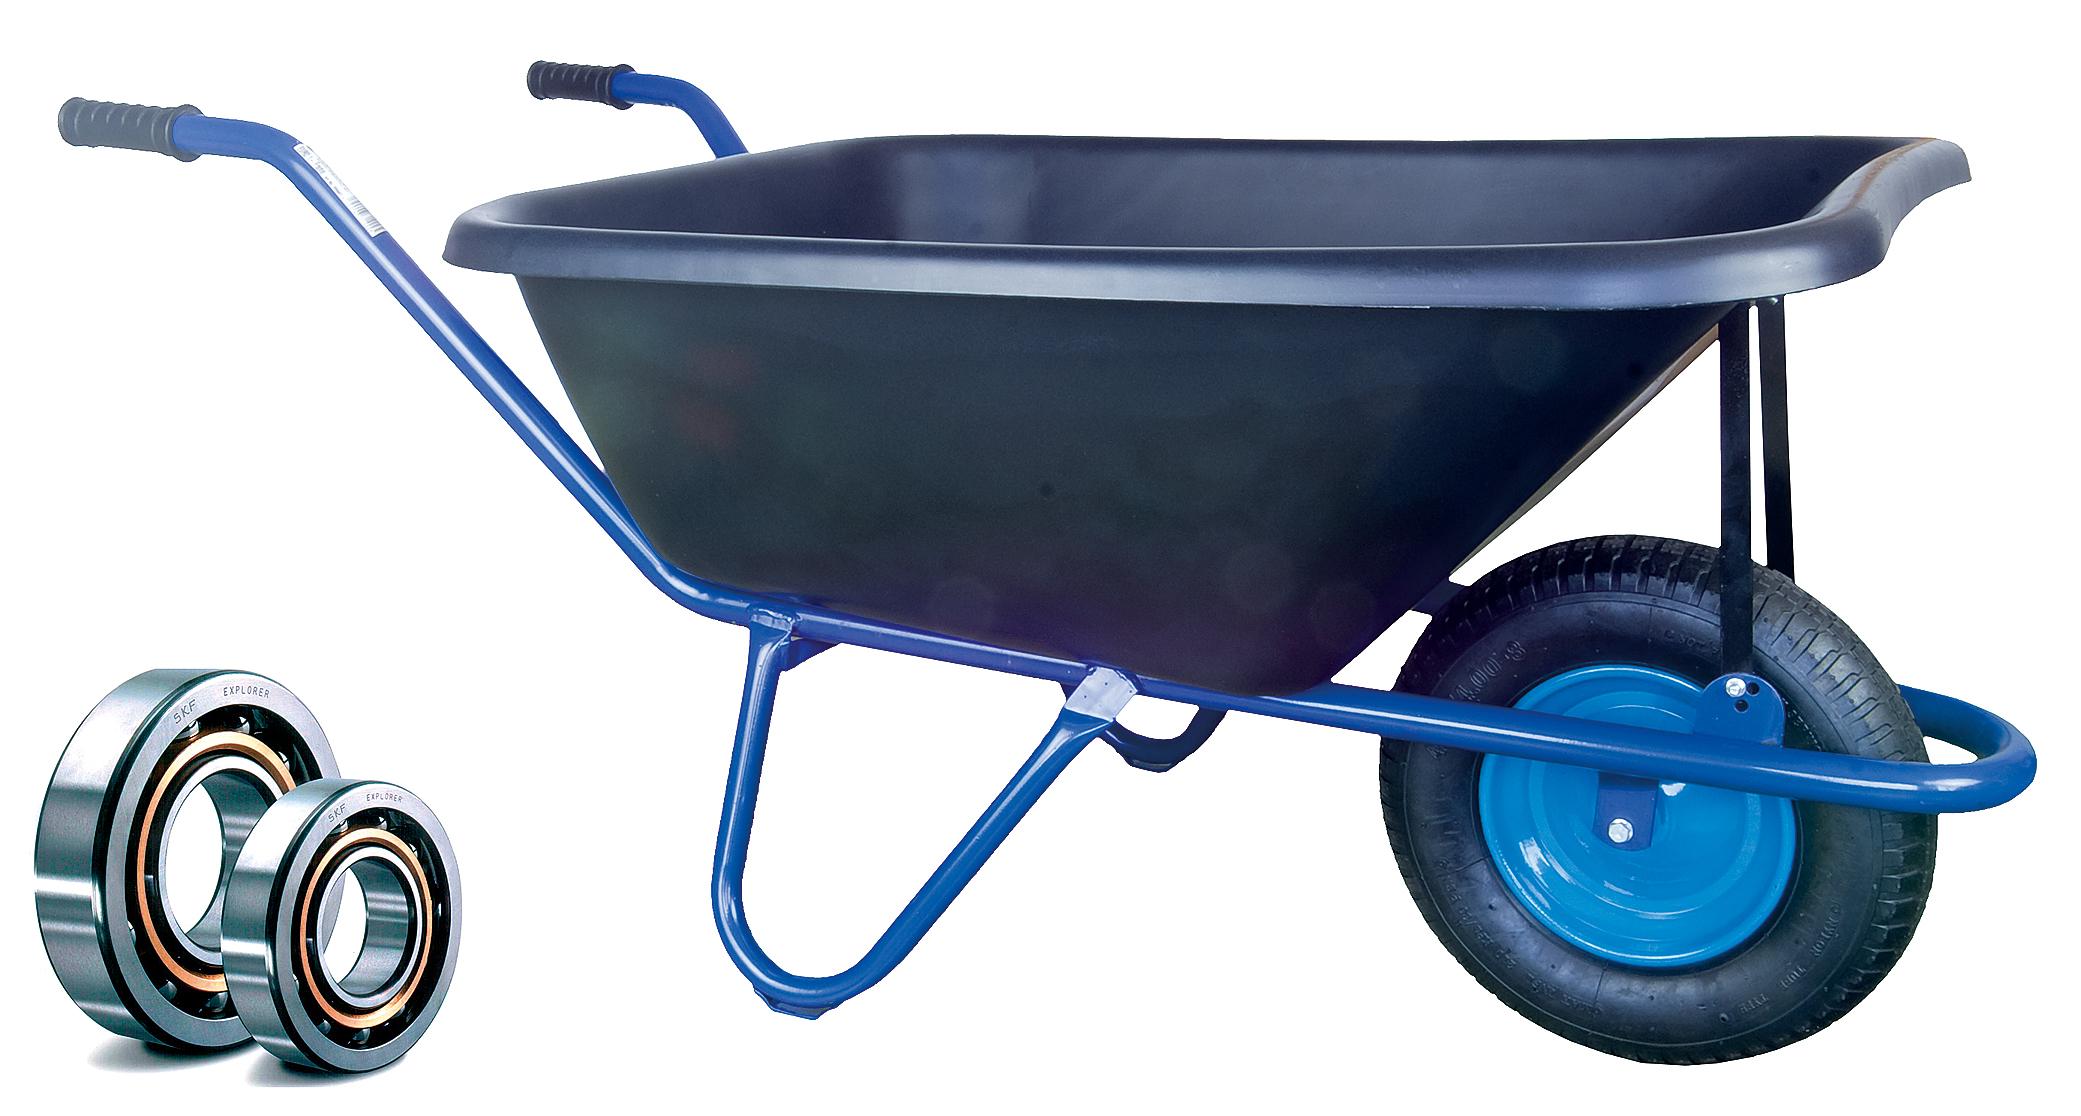 HTI Zahradní kolečko PROFI 120l EURO rám s nafukovací pneumatikou KULIČKOVÁ LOŽISKA KZL08